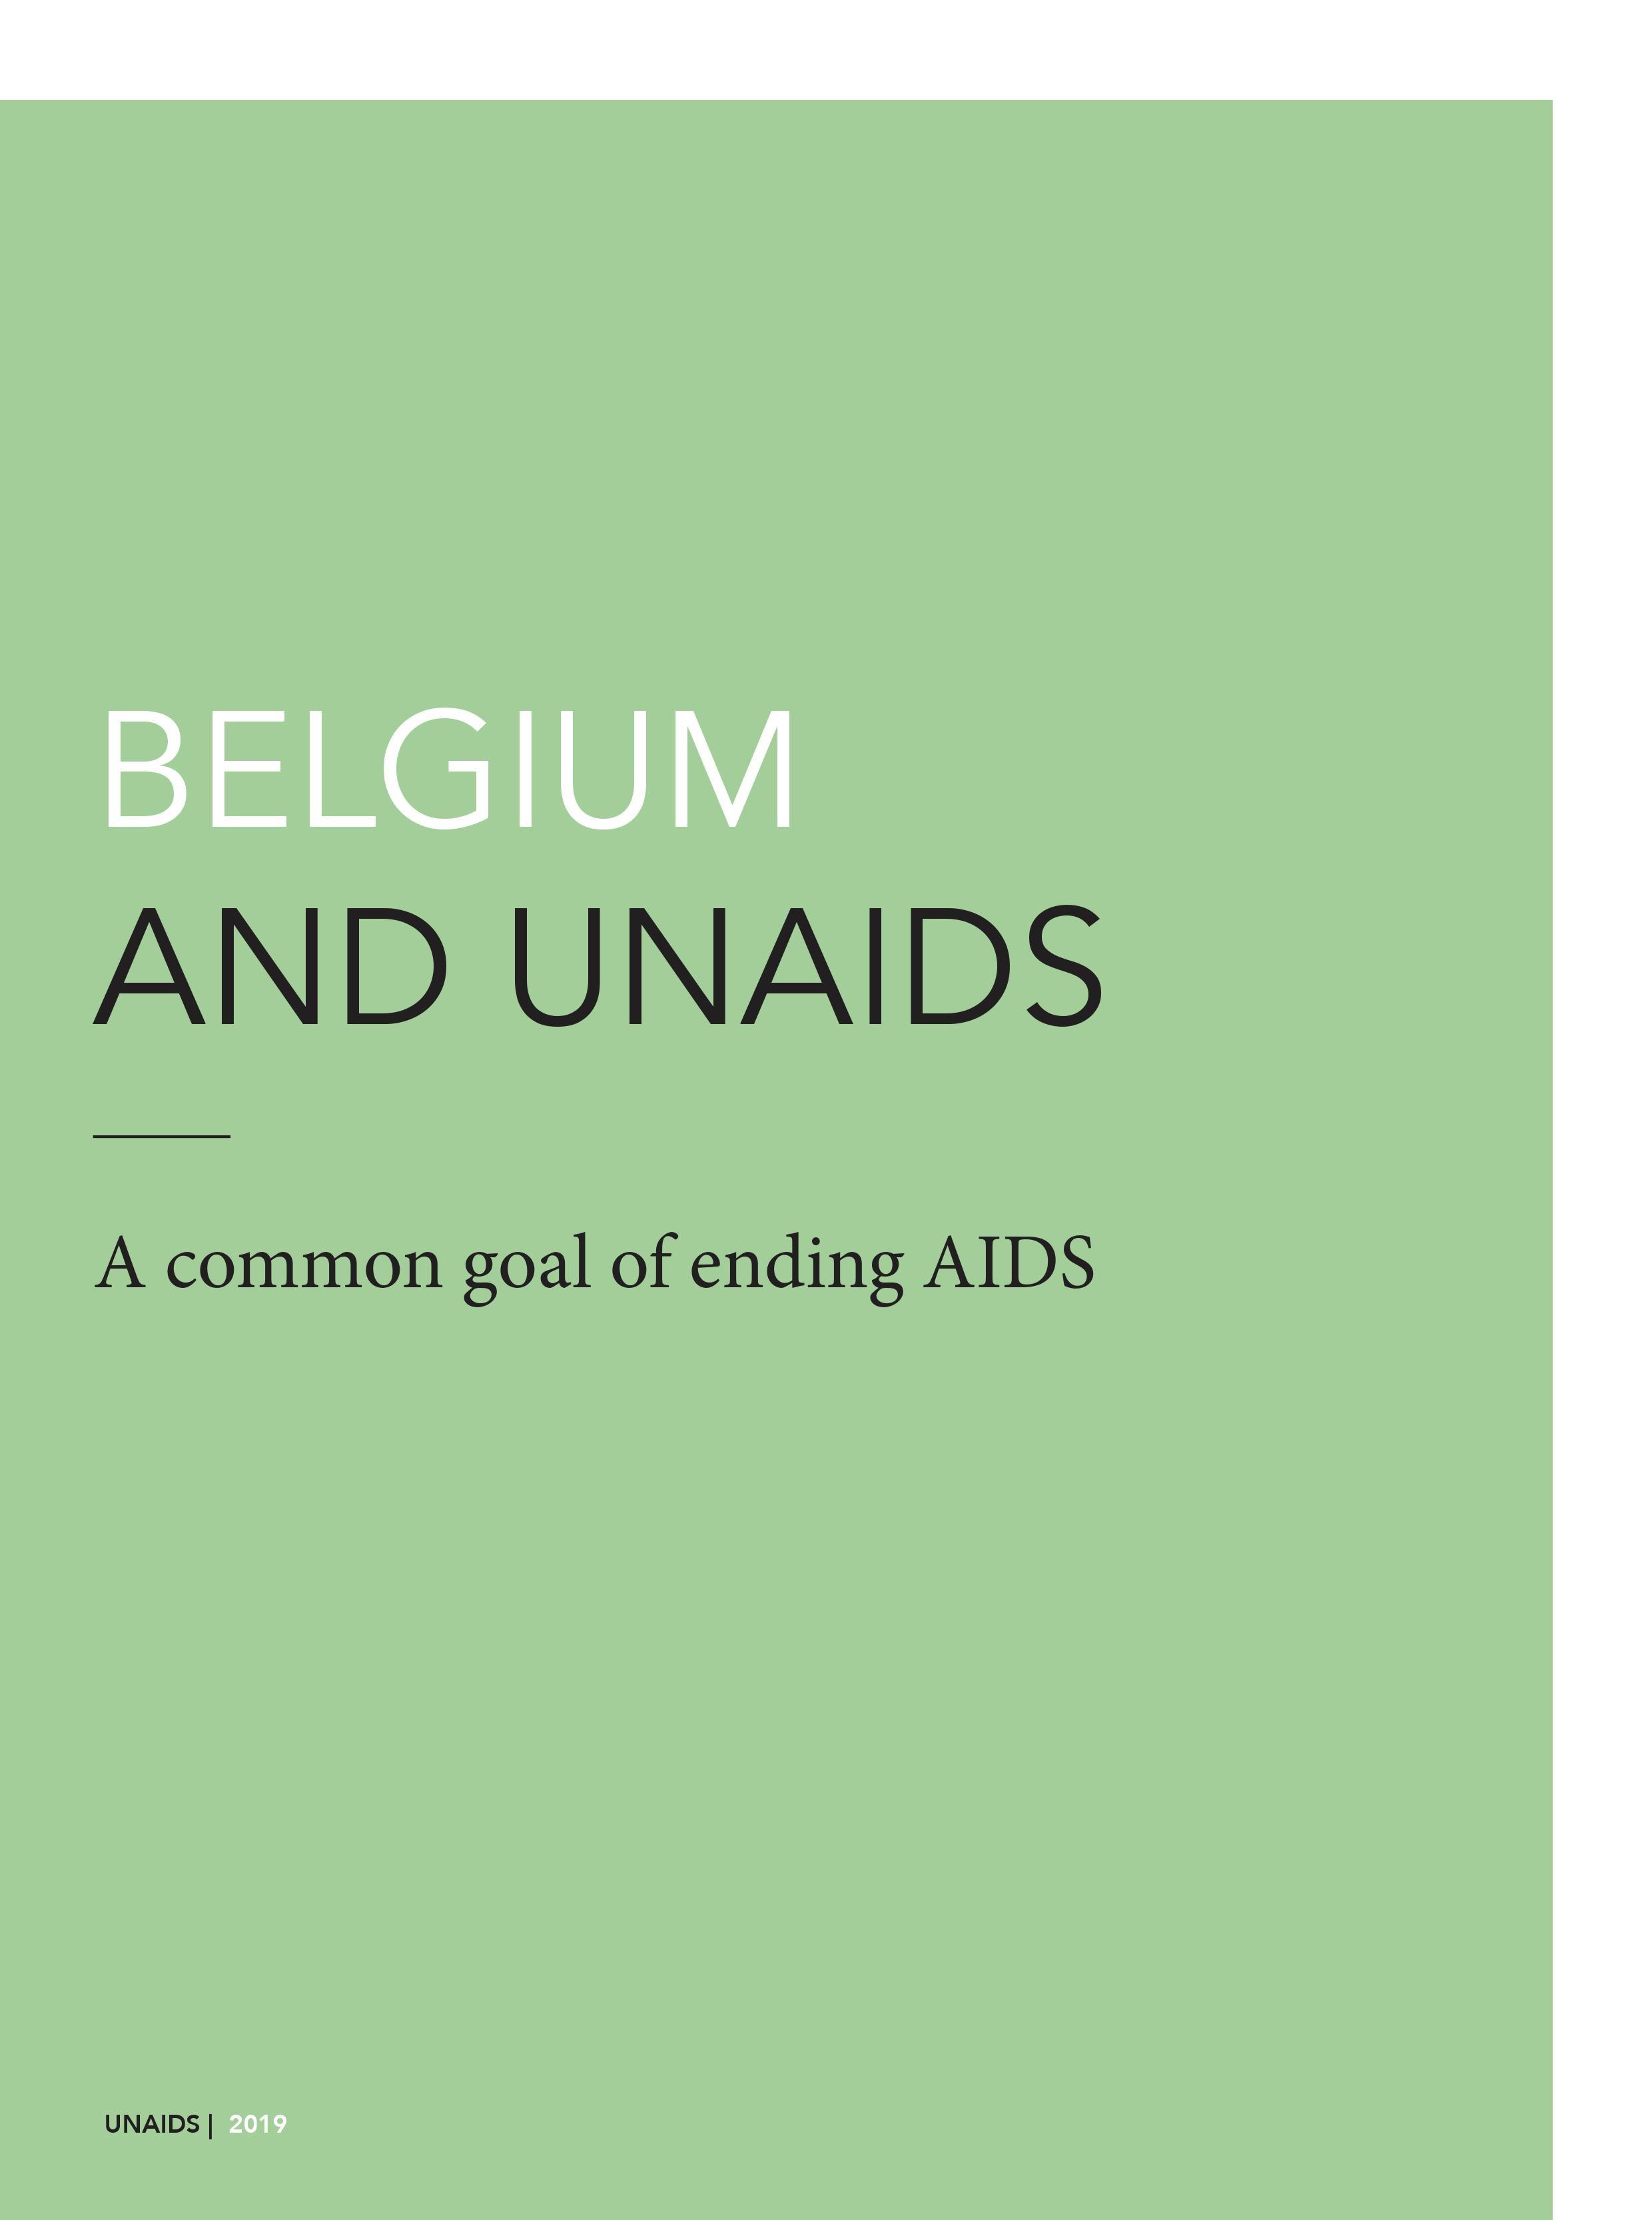 Belgium and UNAIDS